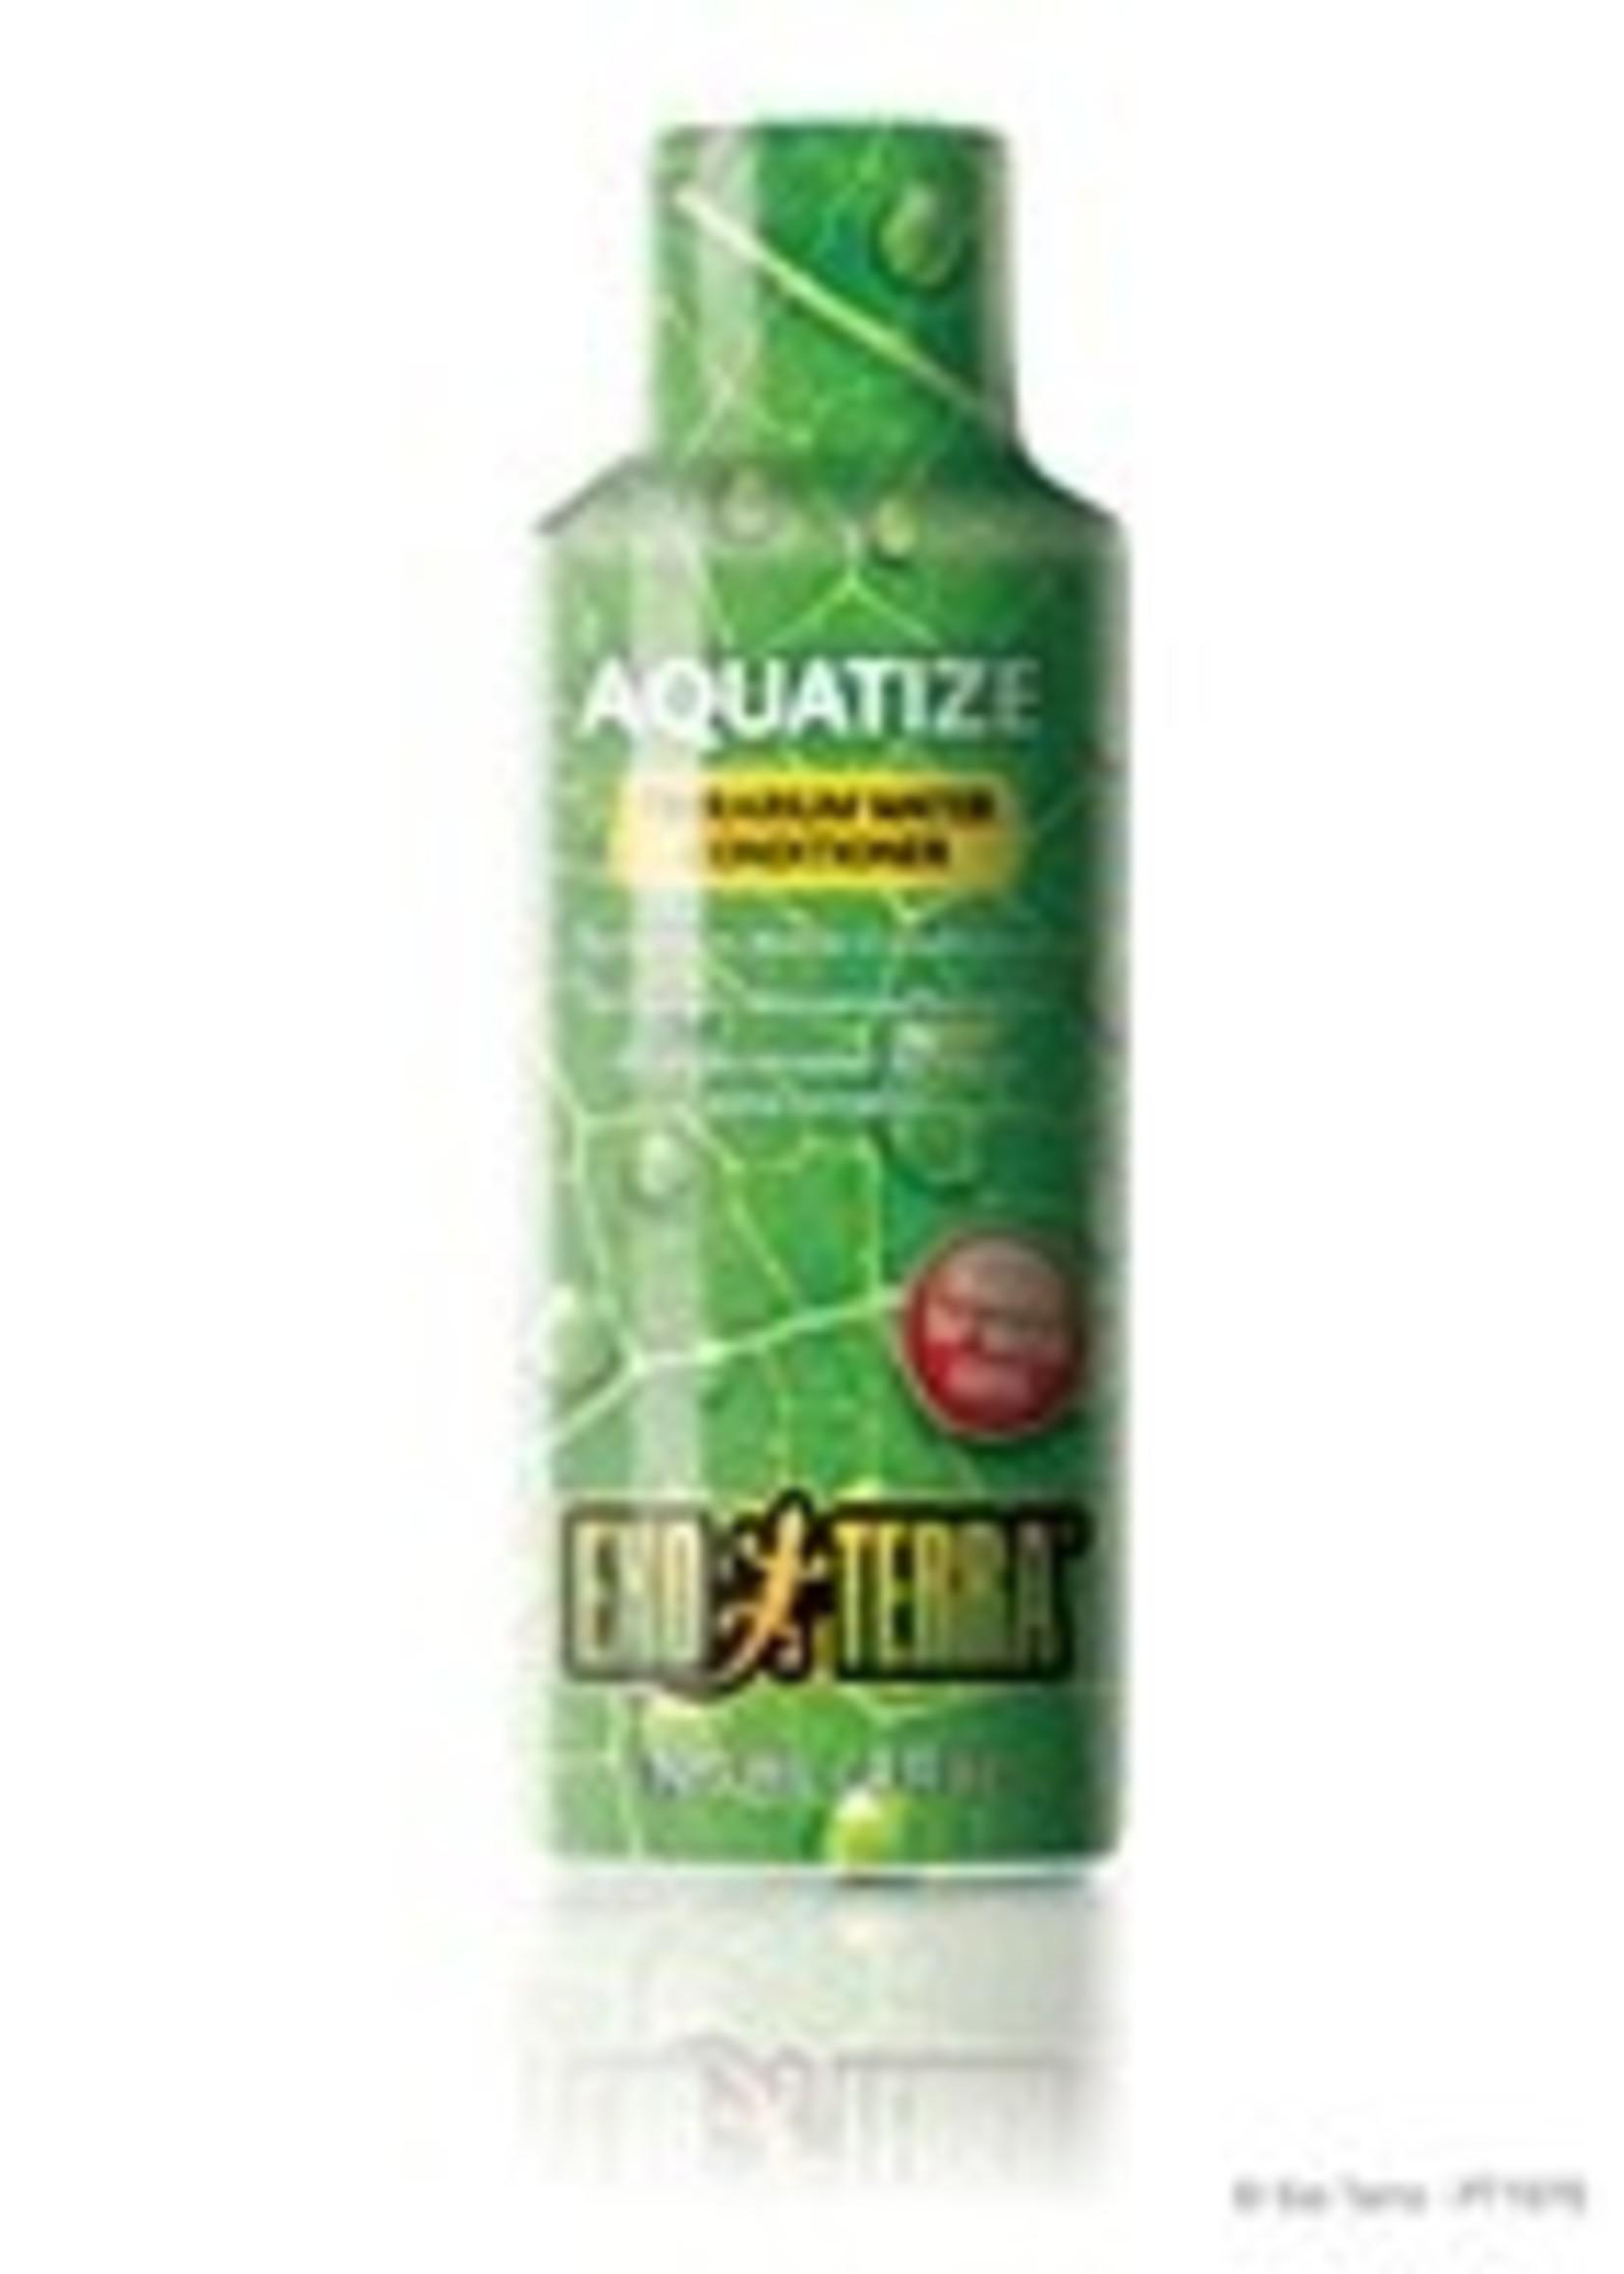 Exo Terra Aquatize Terrarium Water Conditioner - 120 ml